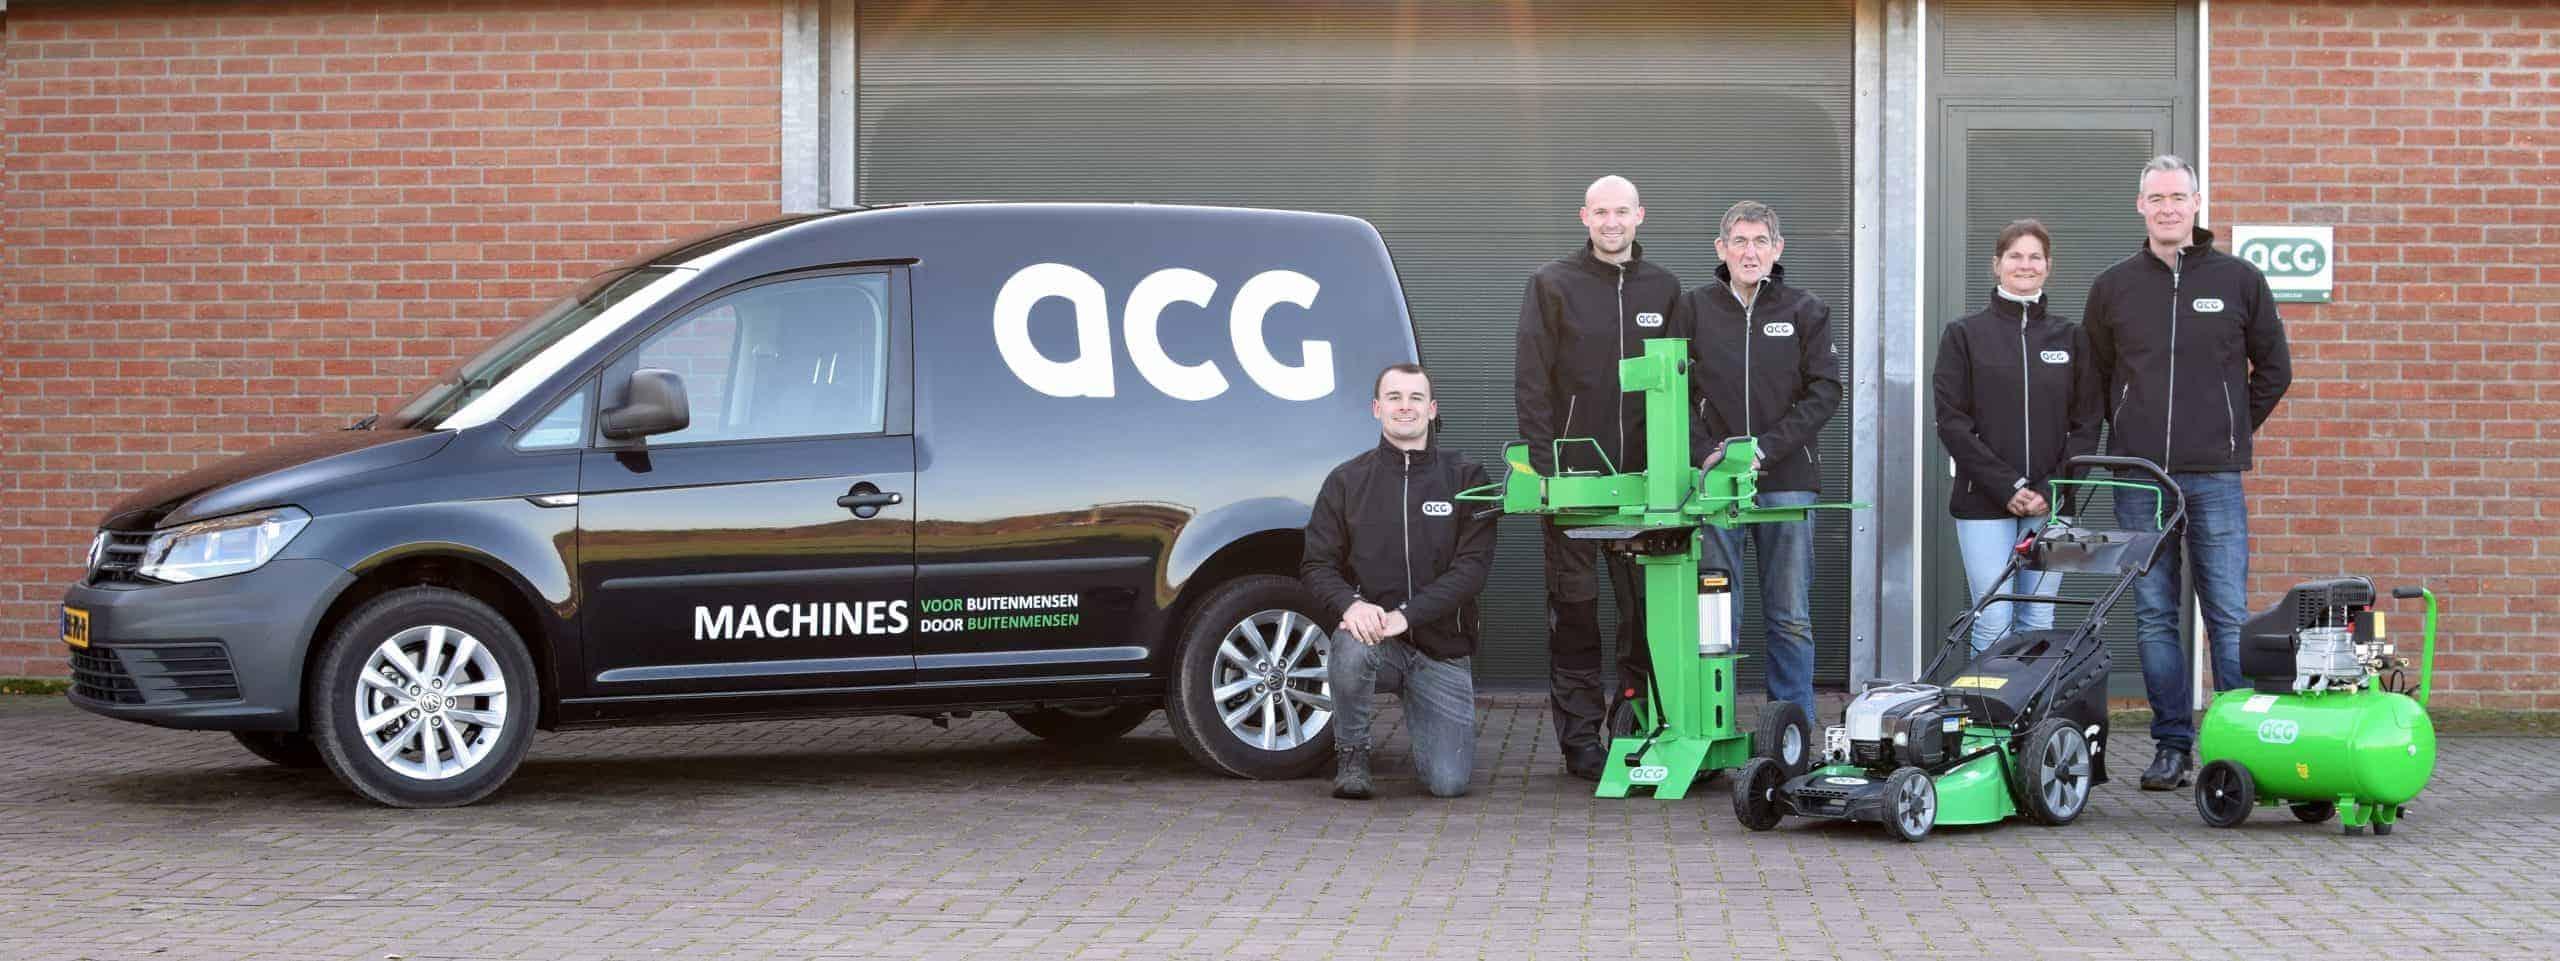 ACG-machines-team2